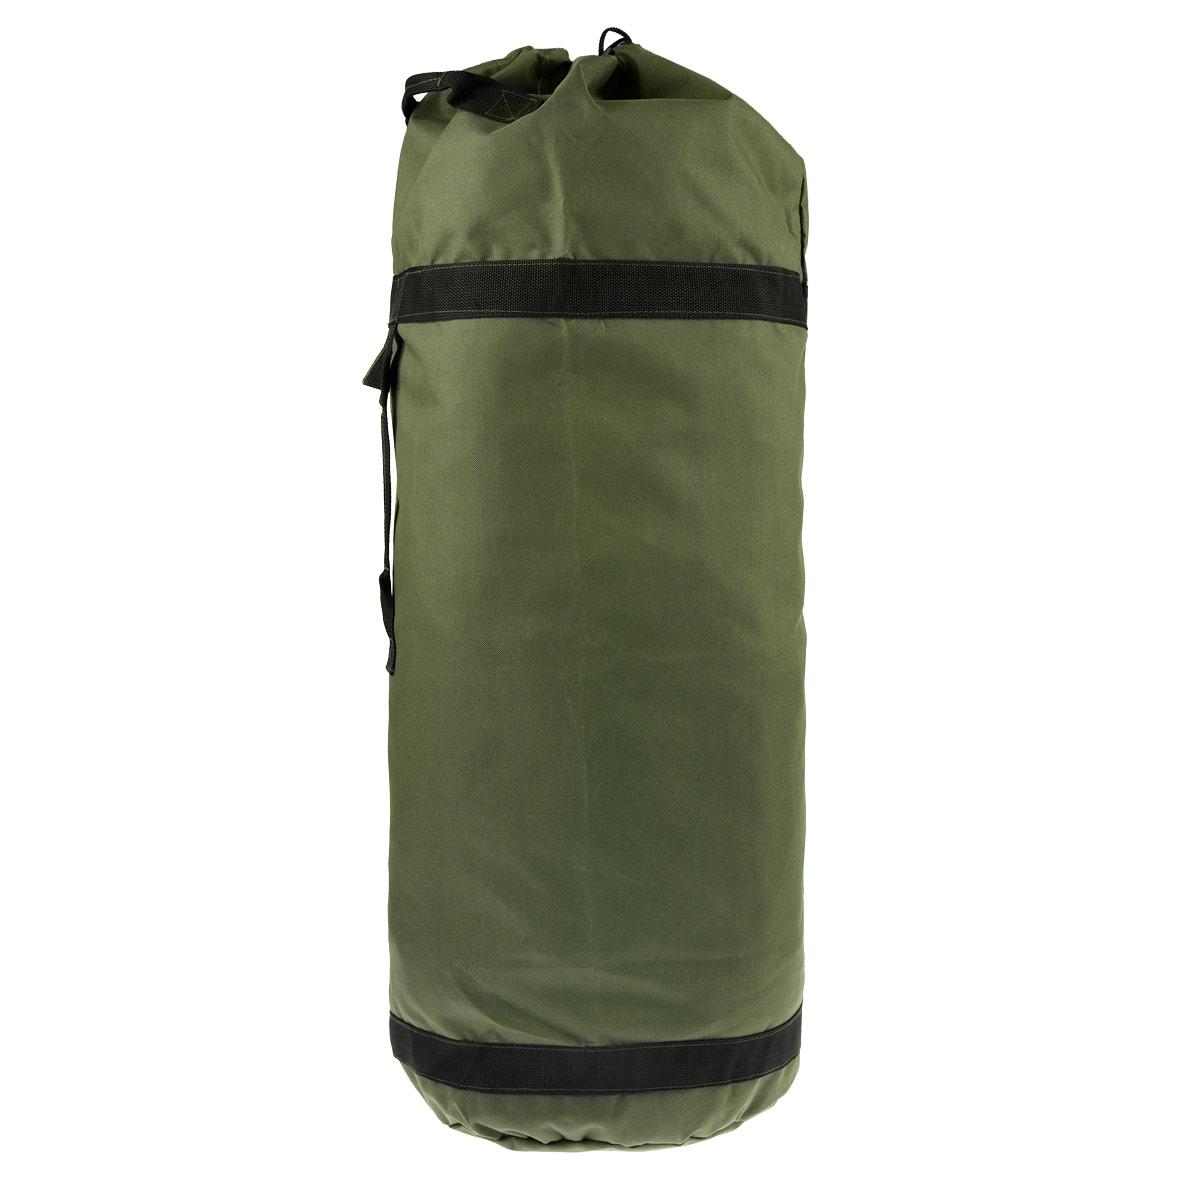 Вещмешок-рюкзак Алом-Дар, цвет: хаки, 70 лKOC-H19-LEDВещмешок Алом-Дар с лямками, выполненный из водоотталкивающей ткани. Аналог армейского вещмешка стран НАТО. Имеет прошитые усиленные стропой лямки, идущие вдоль мешка, поддерживающие дно. Мешок можно использовать как рюкзак. Ручка сбоку и две ручки сверху в горловине мешка позволяют переносить его как сумку в вертикальном или горизонтальном положении. Горловина затягивается усиленным шнуром, сбоку есть карман на кнопке.